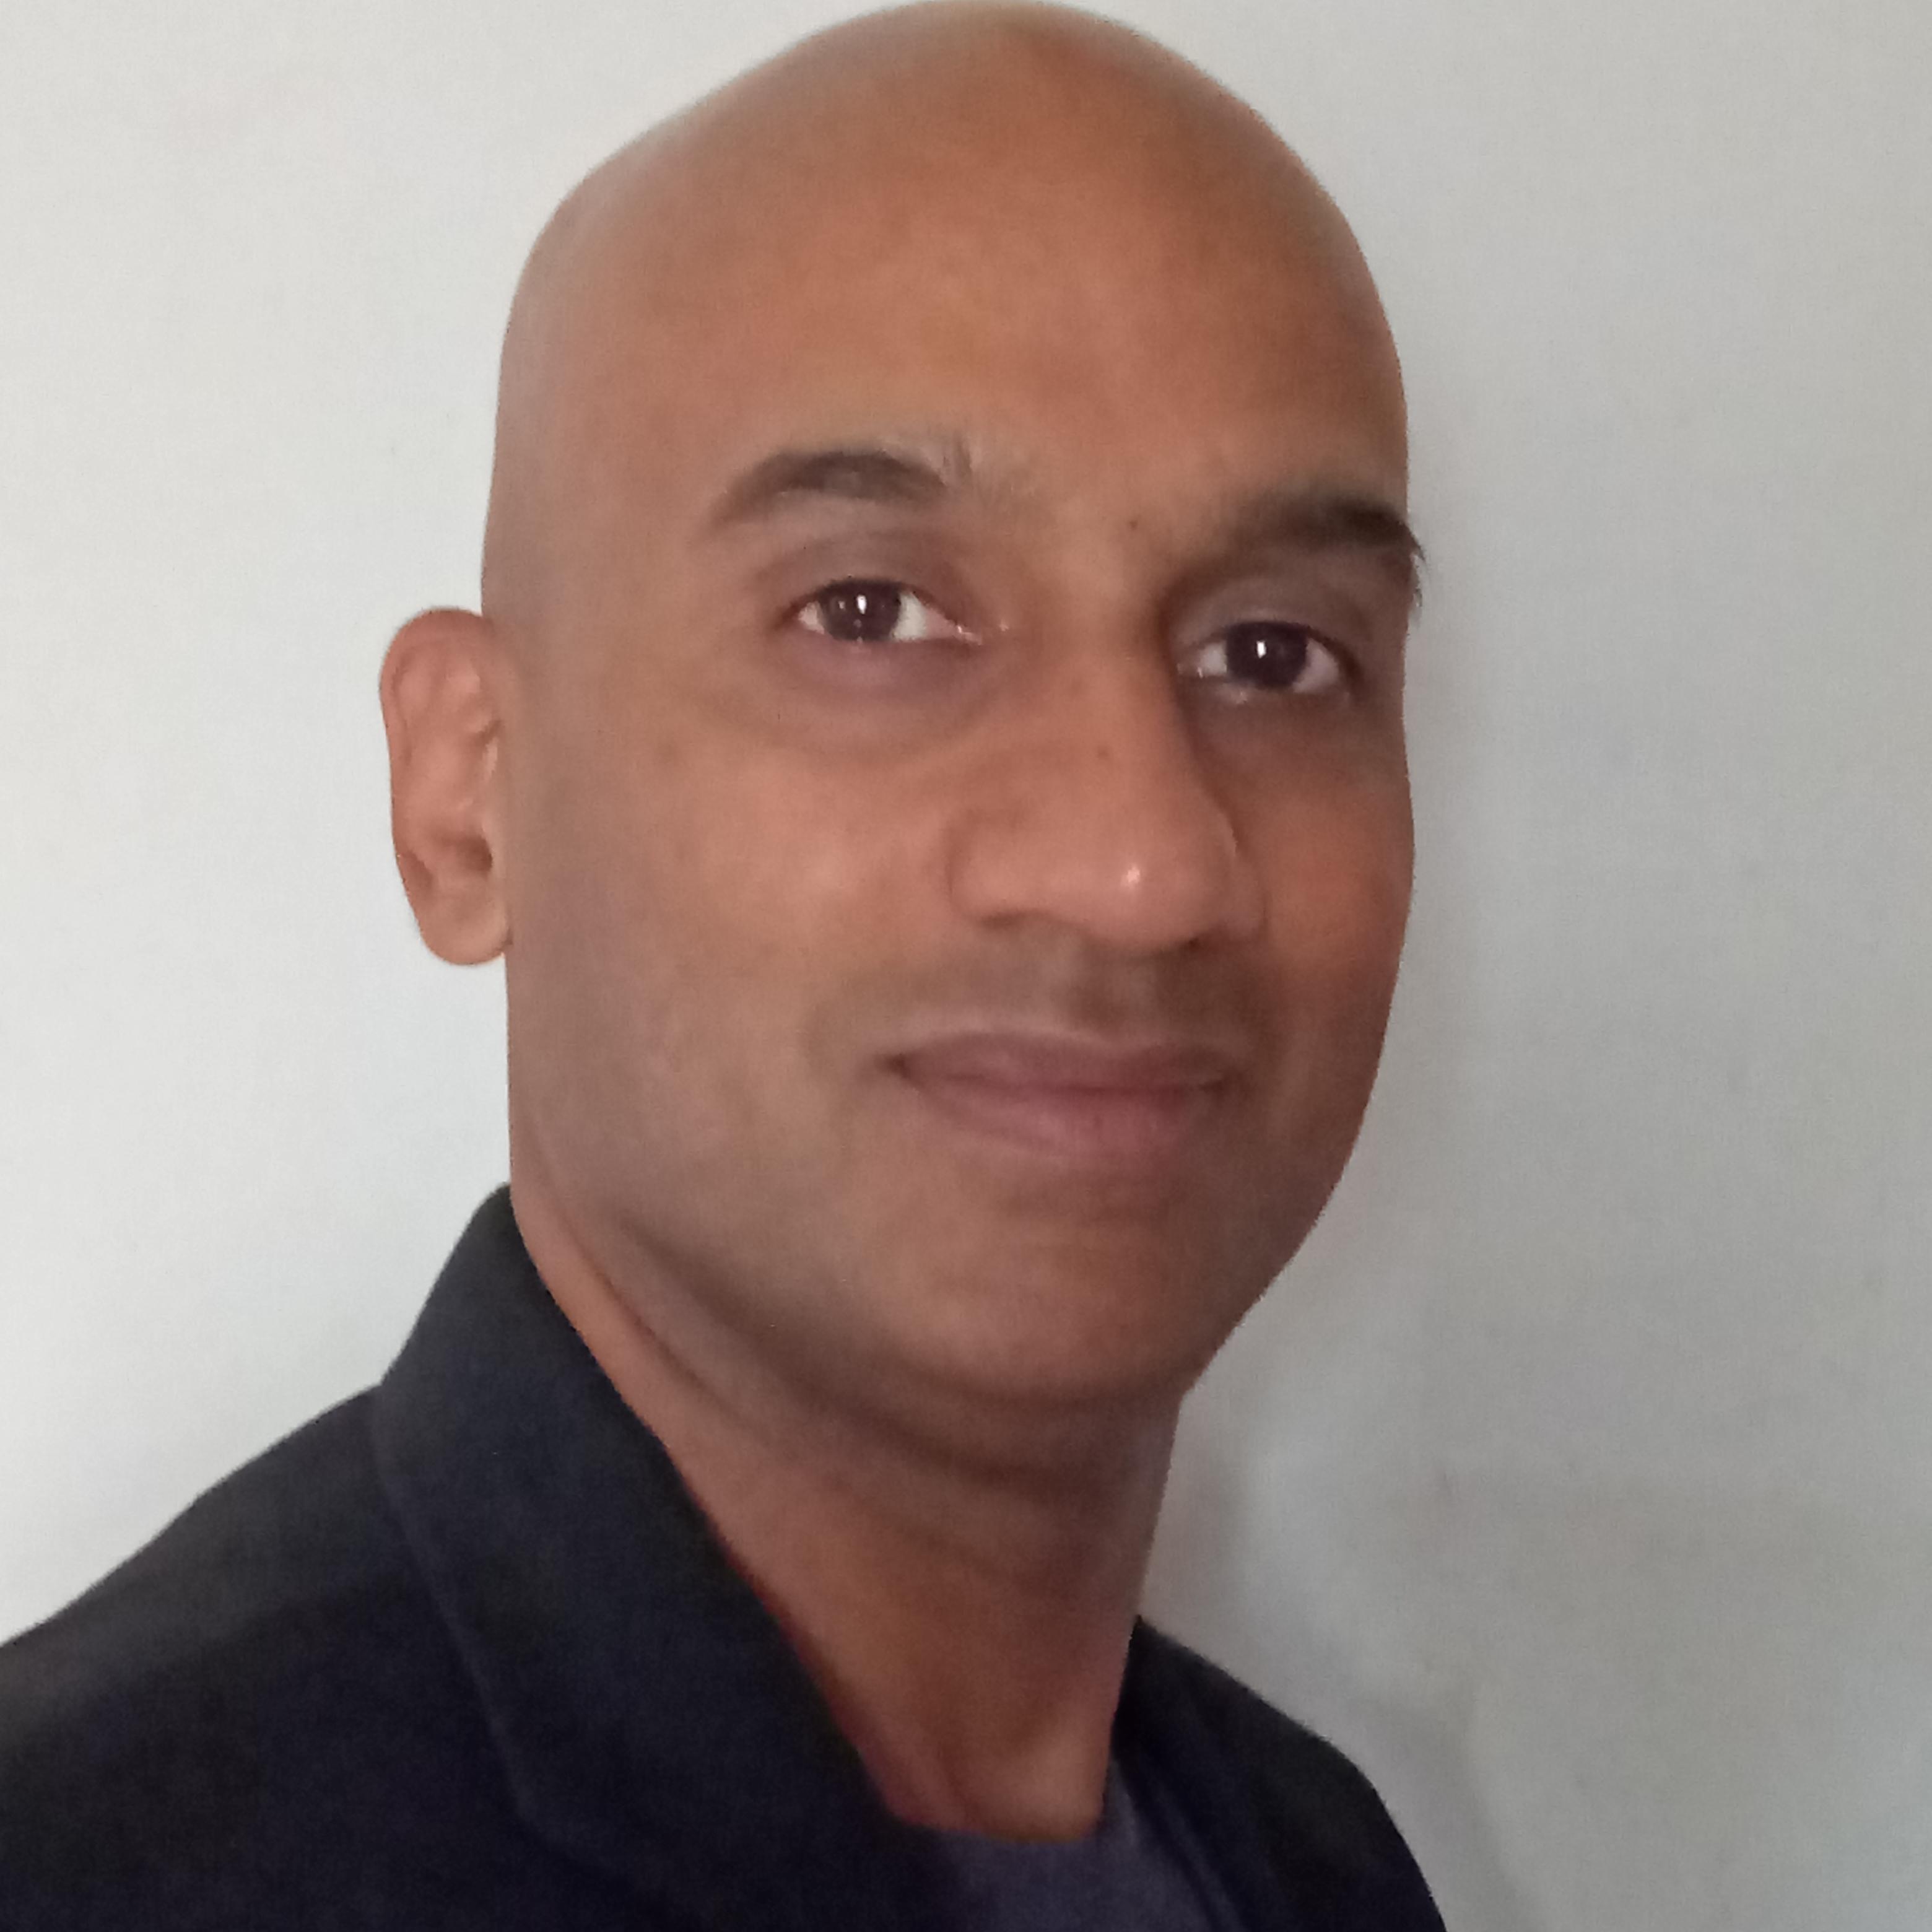 Ganesh Thyagarajan